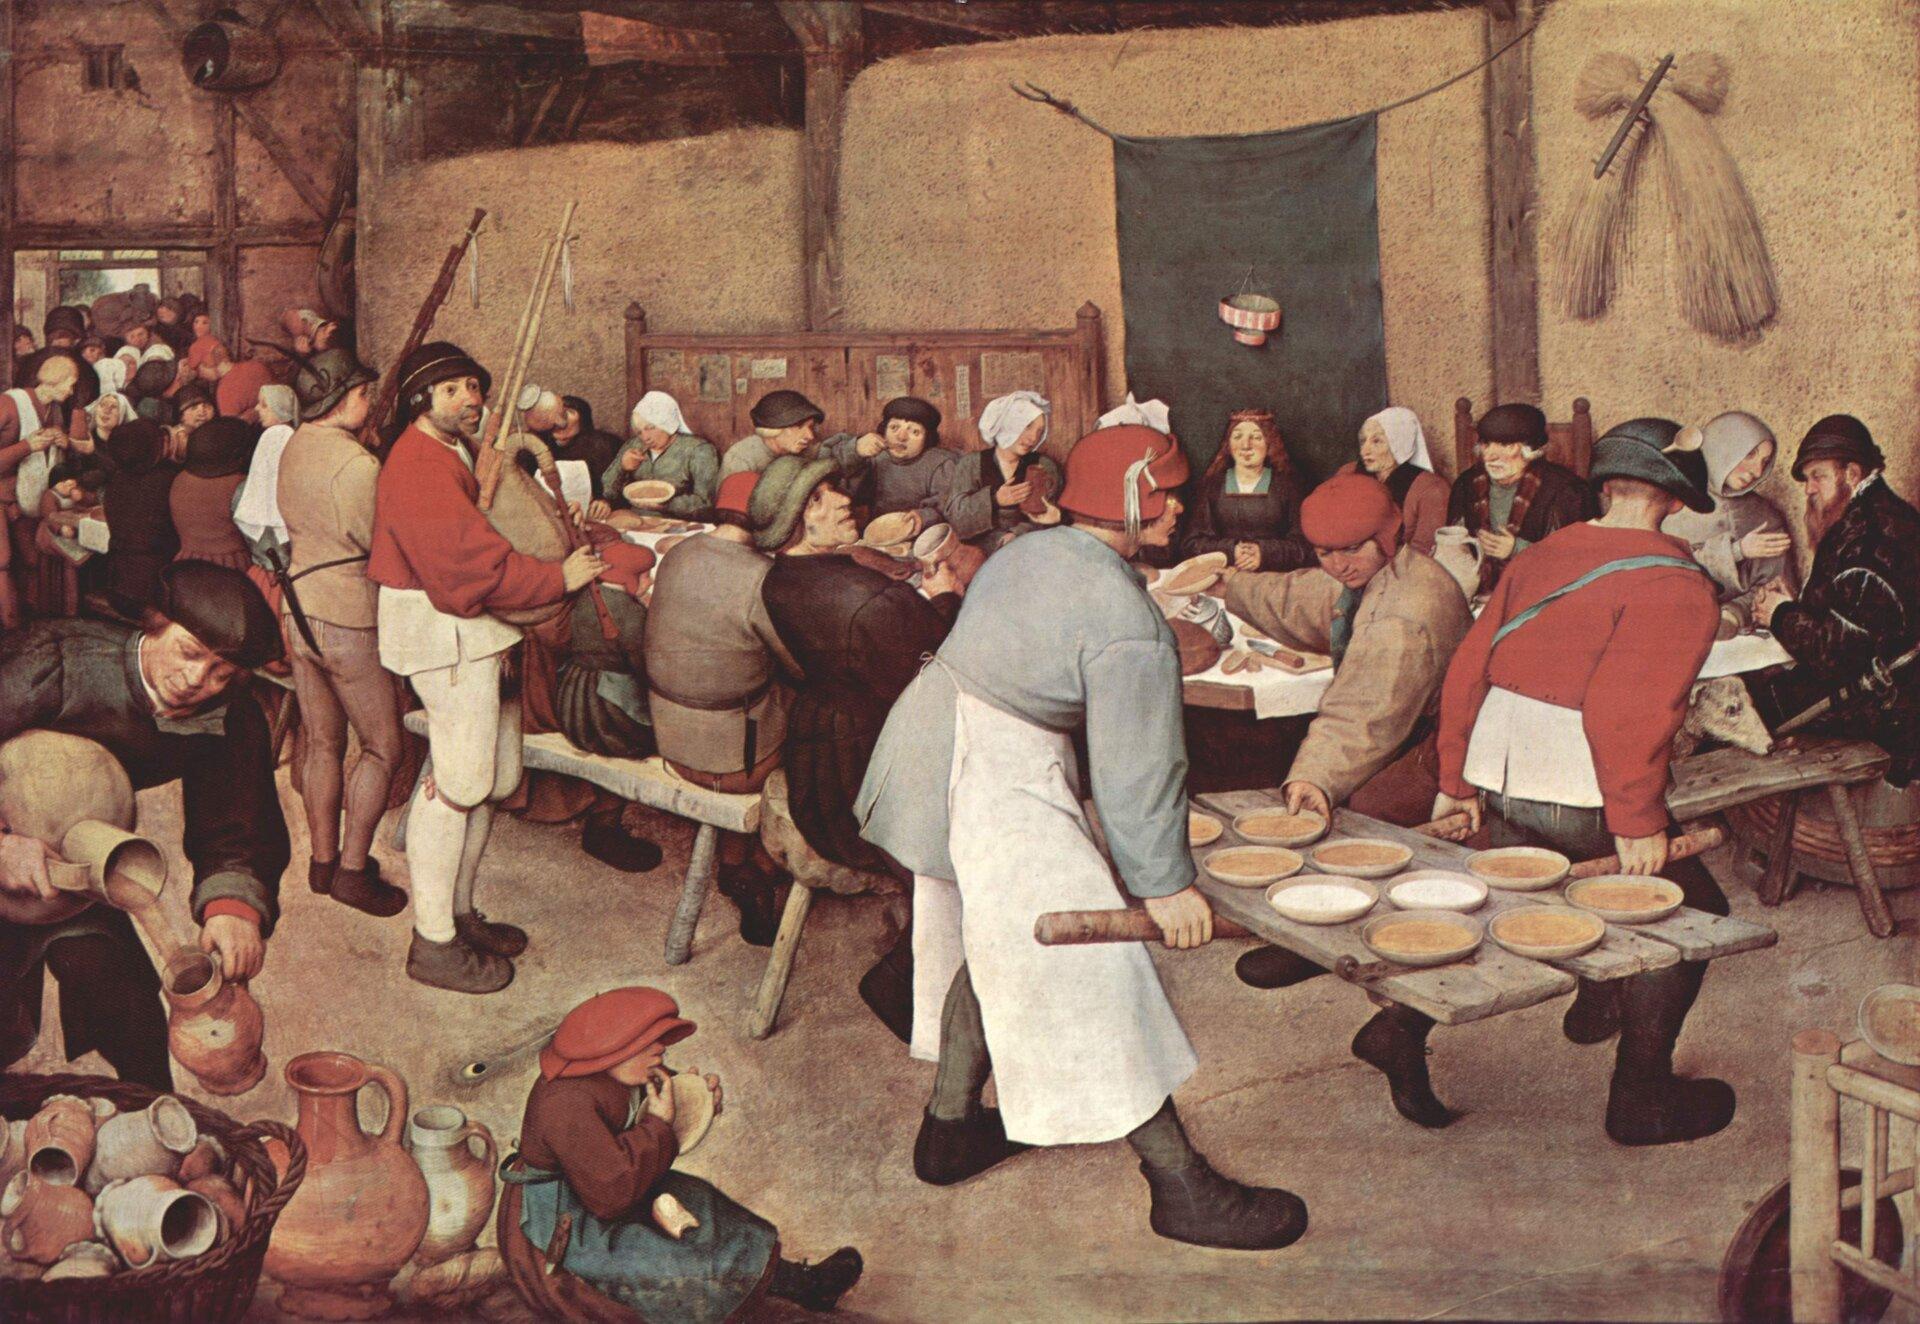 Wesele Wiejskie Źródło: Pieter Bruegel starszy, Wesele Wiejskie, 1568, olej na desce, Kunsthistorisches Museum, Wiedeń, domena publiczna.